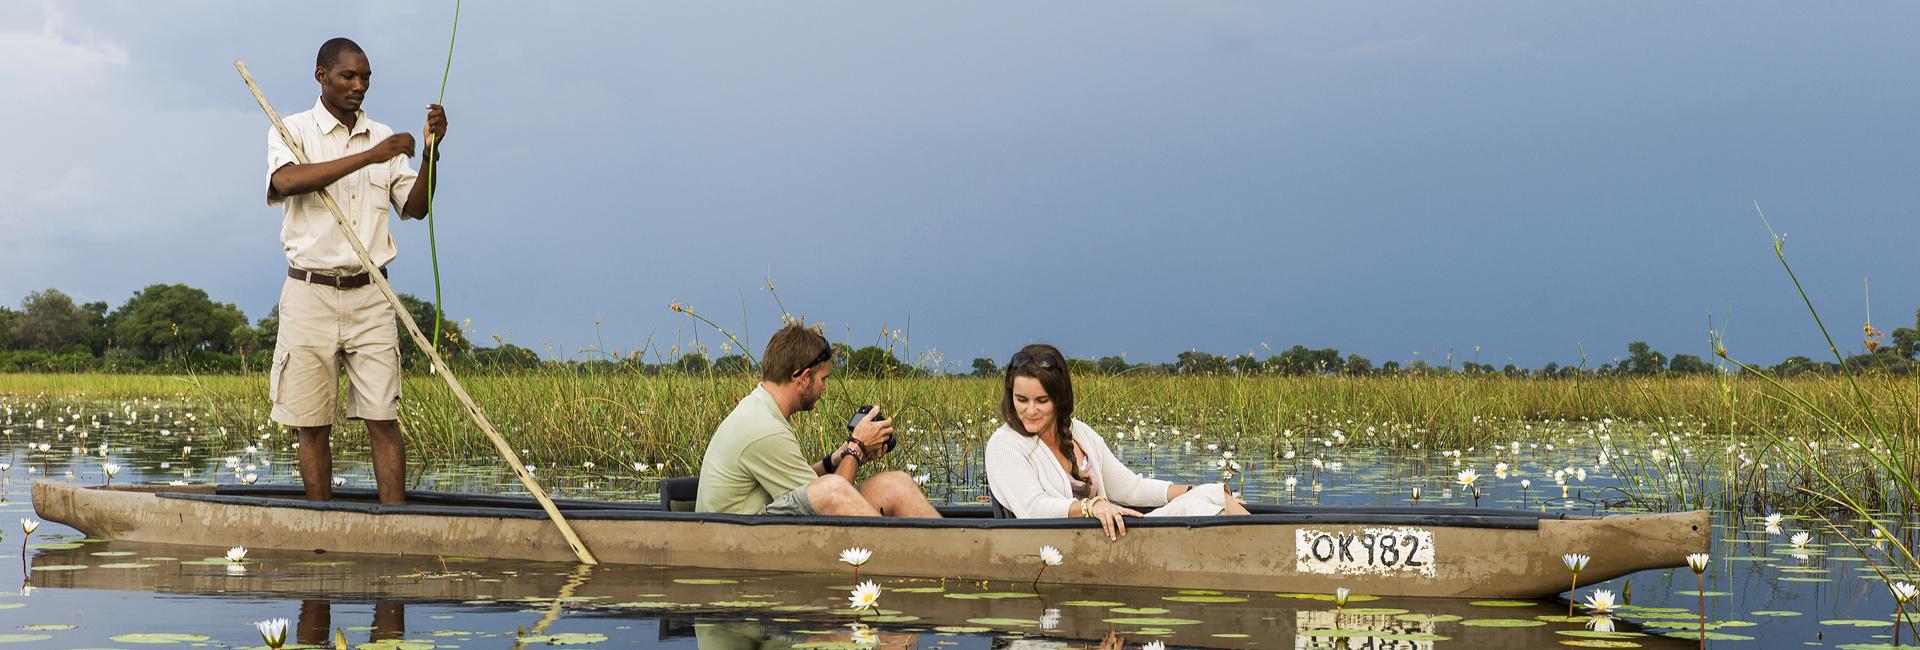 Botswana-Safari-Okavango-Safari-Banner-Mokoro